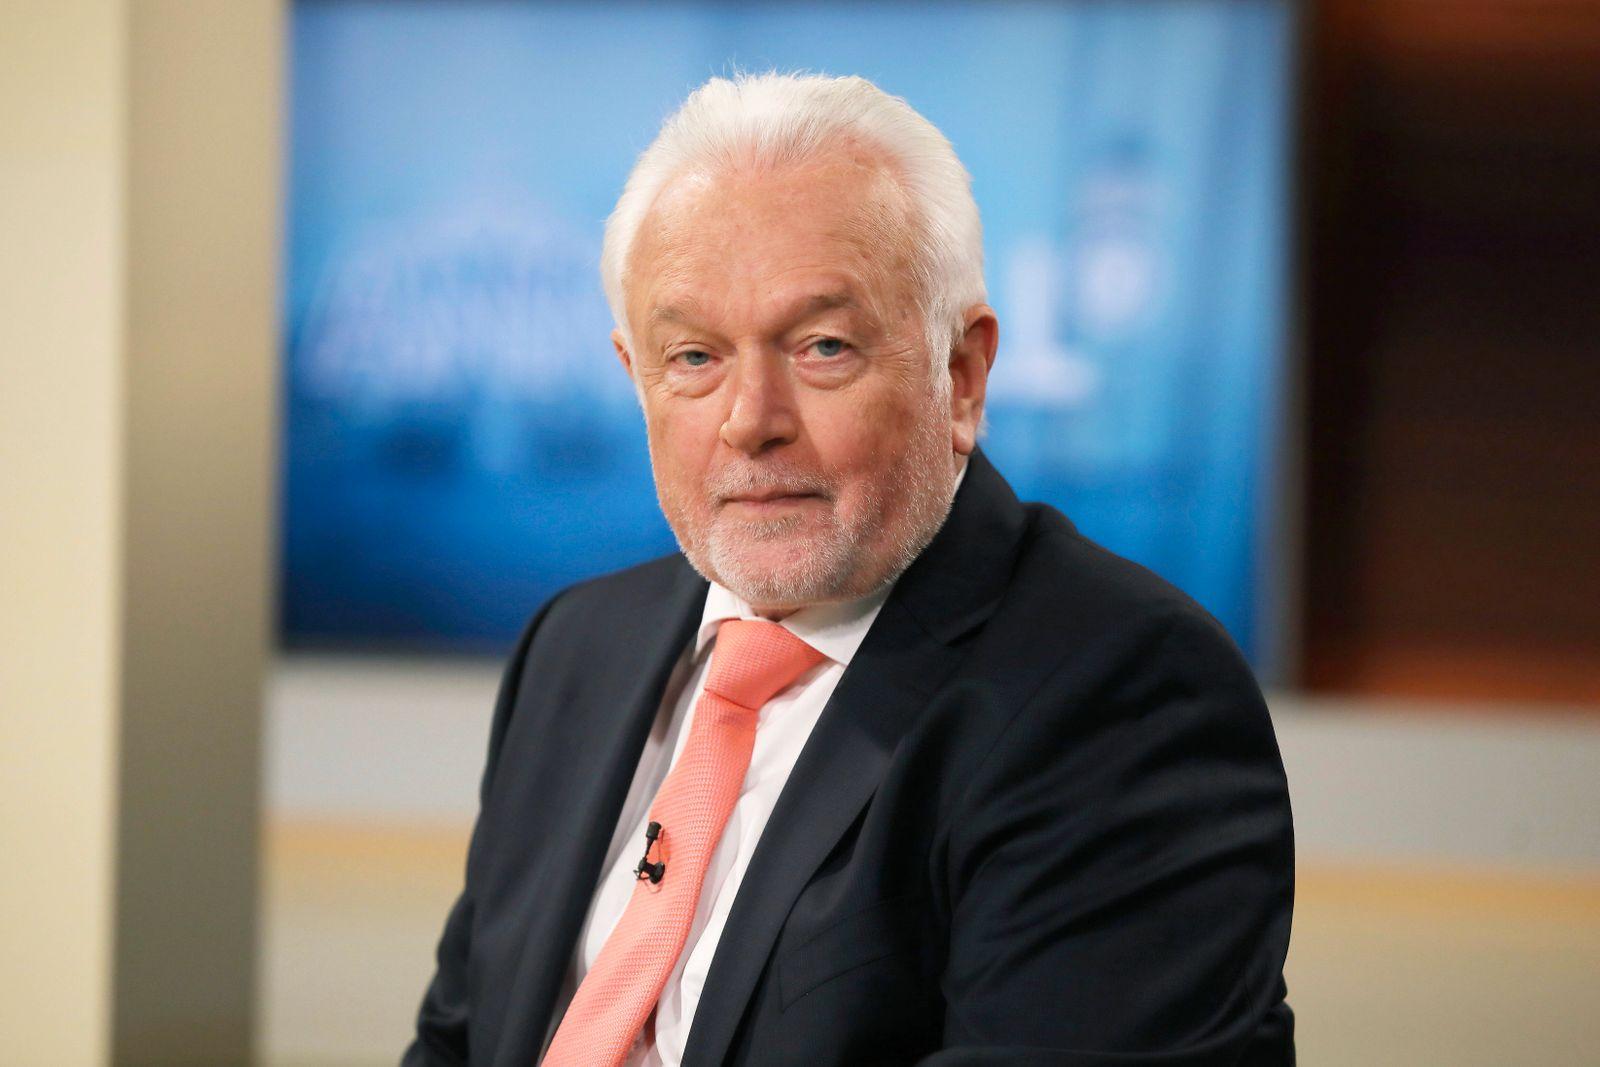 Wolfgang Kubicki (Vizepräsident des Deutschen Bundestages und stellvertretender Bundesvorsitzender, FDP) in der ARD-Talk